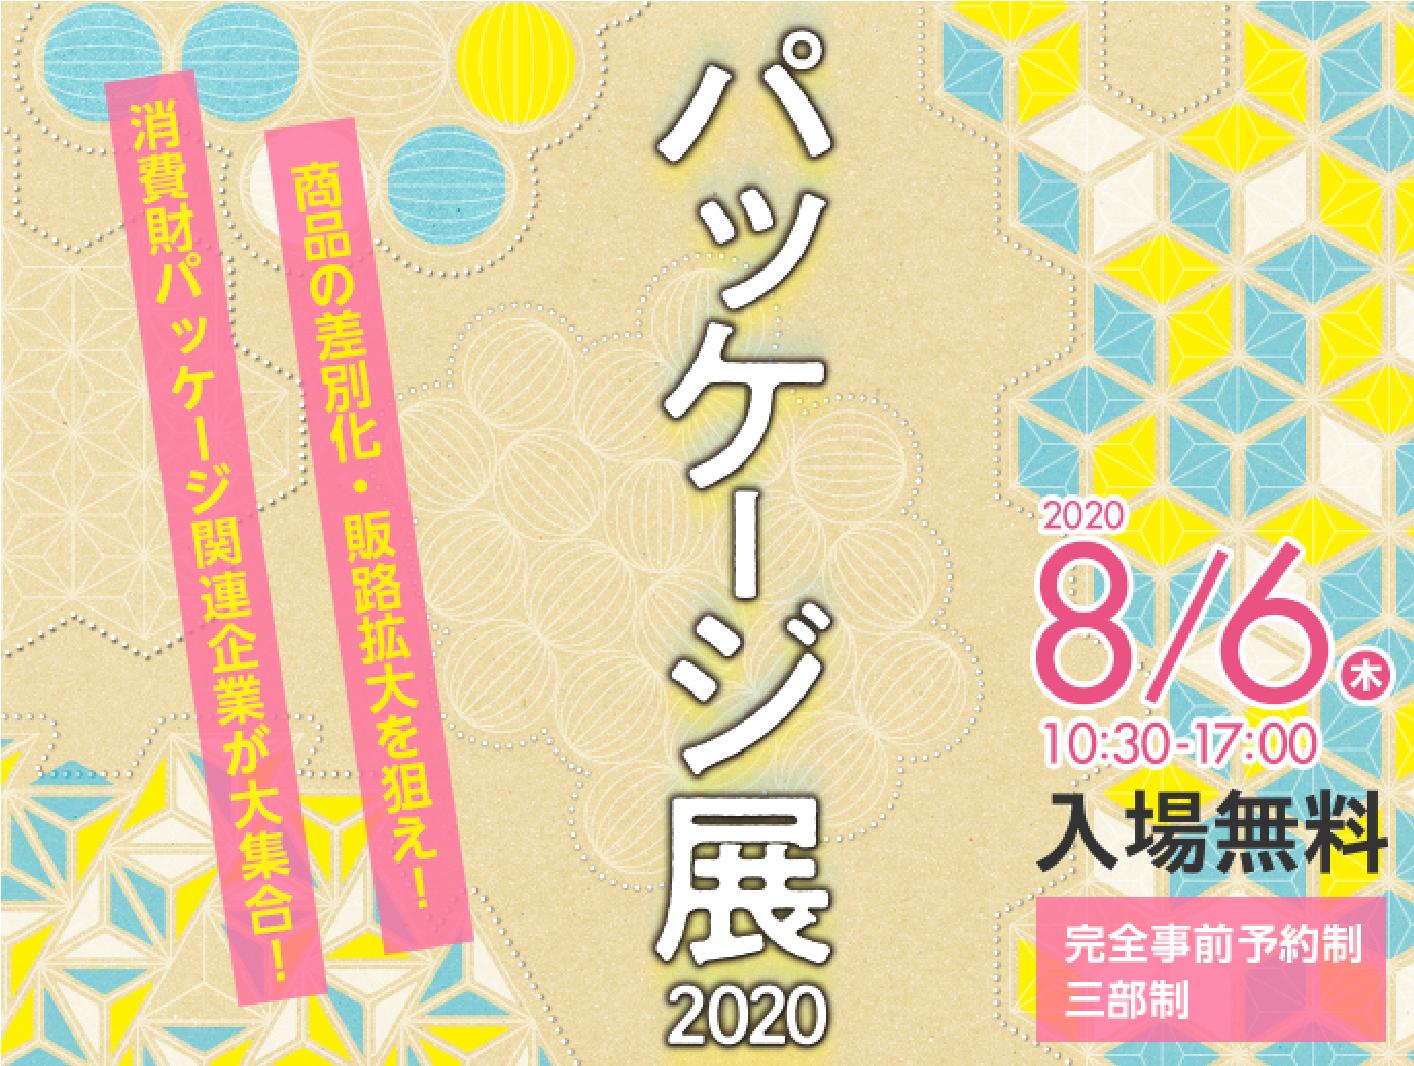 パッケージ展2020